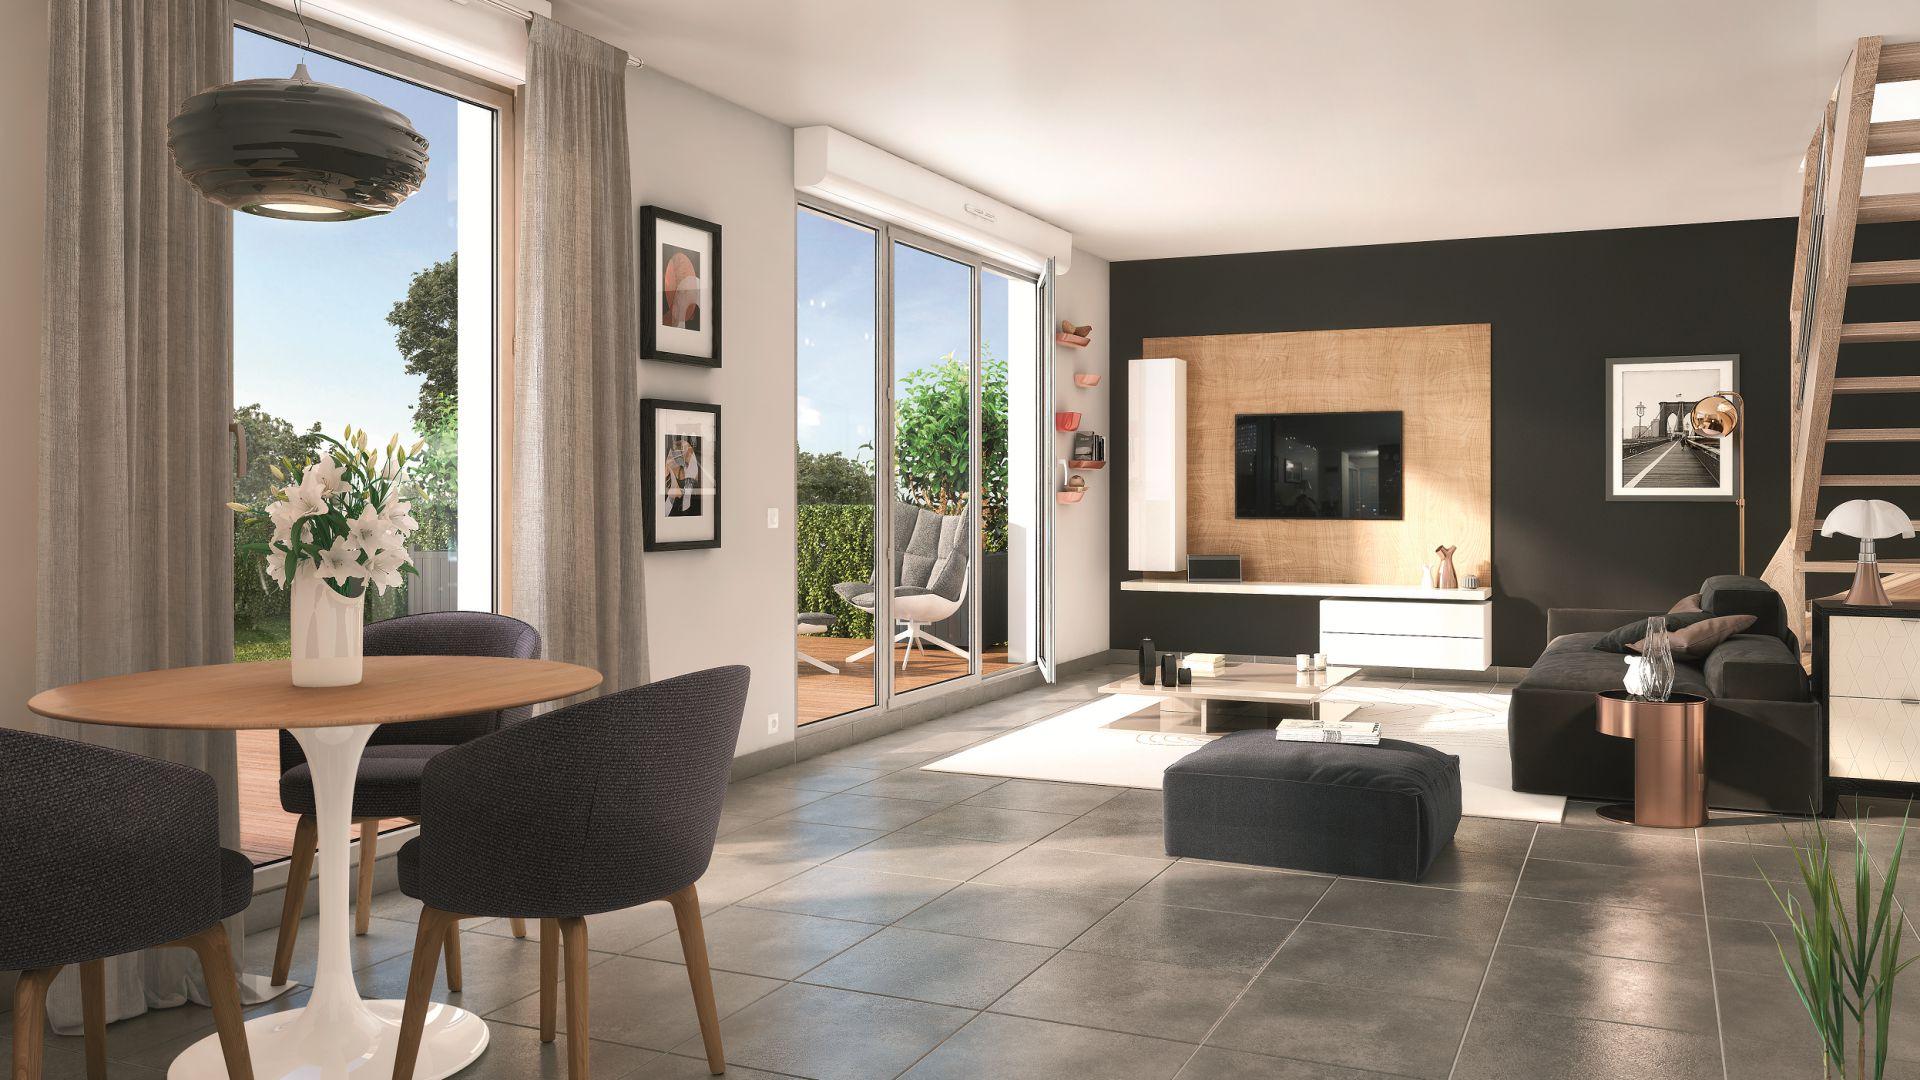 GreenCity immobilier - Toulouse rue des Fontaines - 31300 - résidence Villa Patricia - appartement T2 - T3 - T4 - T5 - vue intérieure